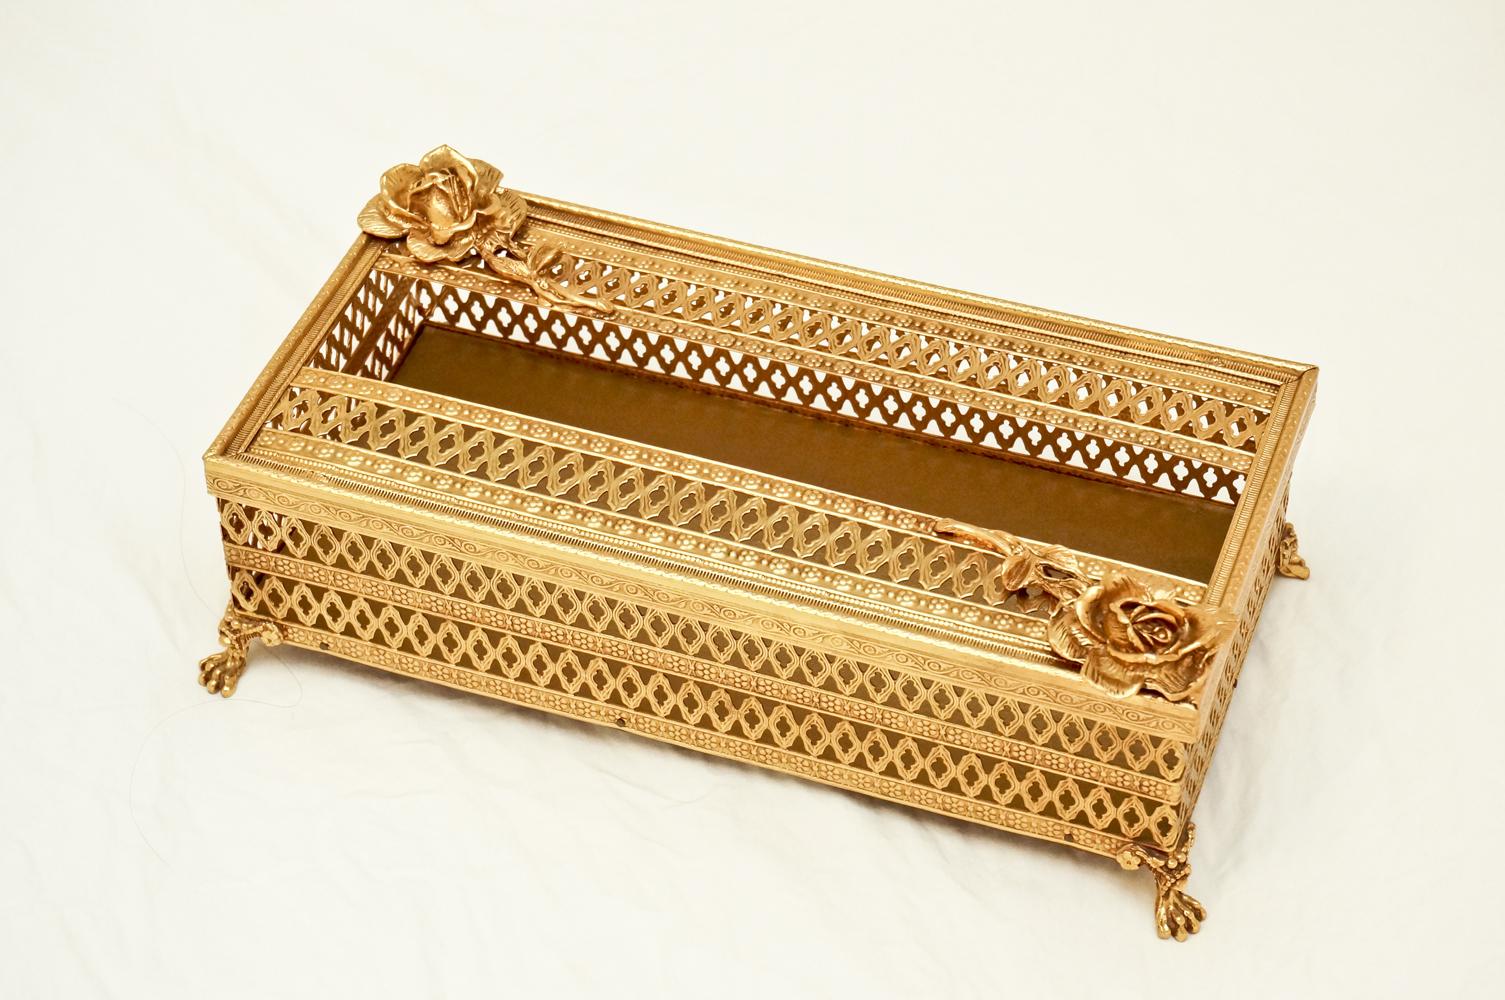 スタイルビルト製 ゴールド ローズ ダイヤモンド ティッシュボックス